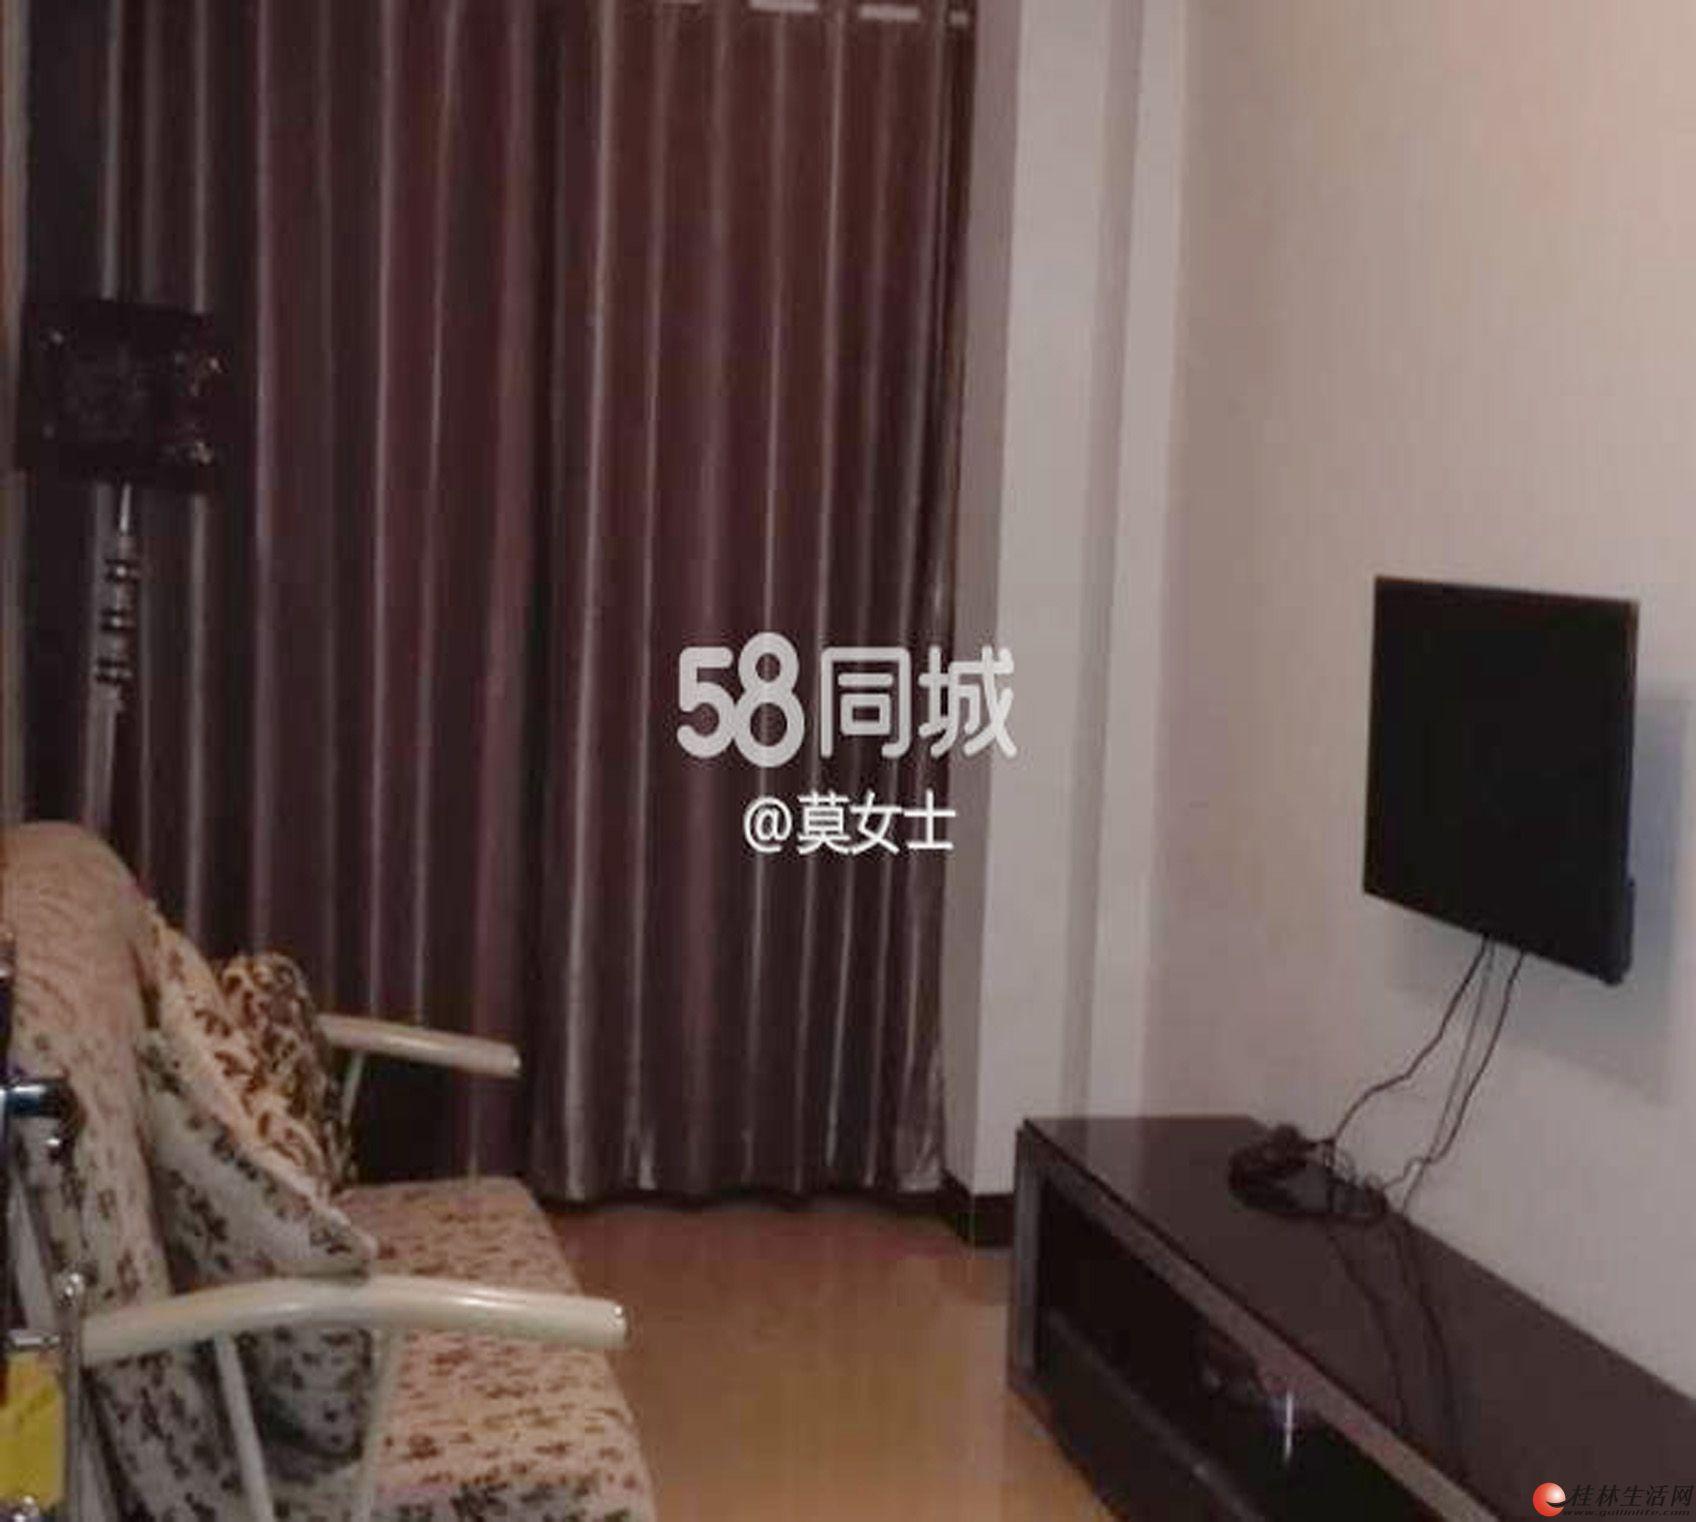 耀和荣裕小区翠竹路,青禾美邦附近,1房1厅50平方米,电梯楼1600元/月精装修家电家具